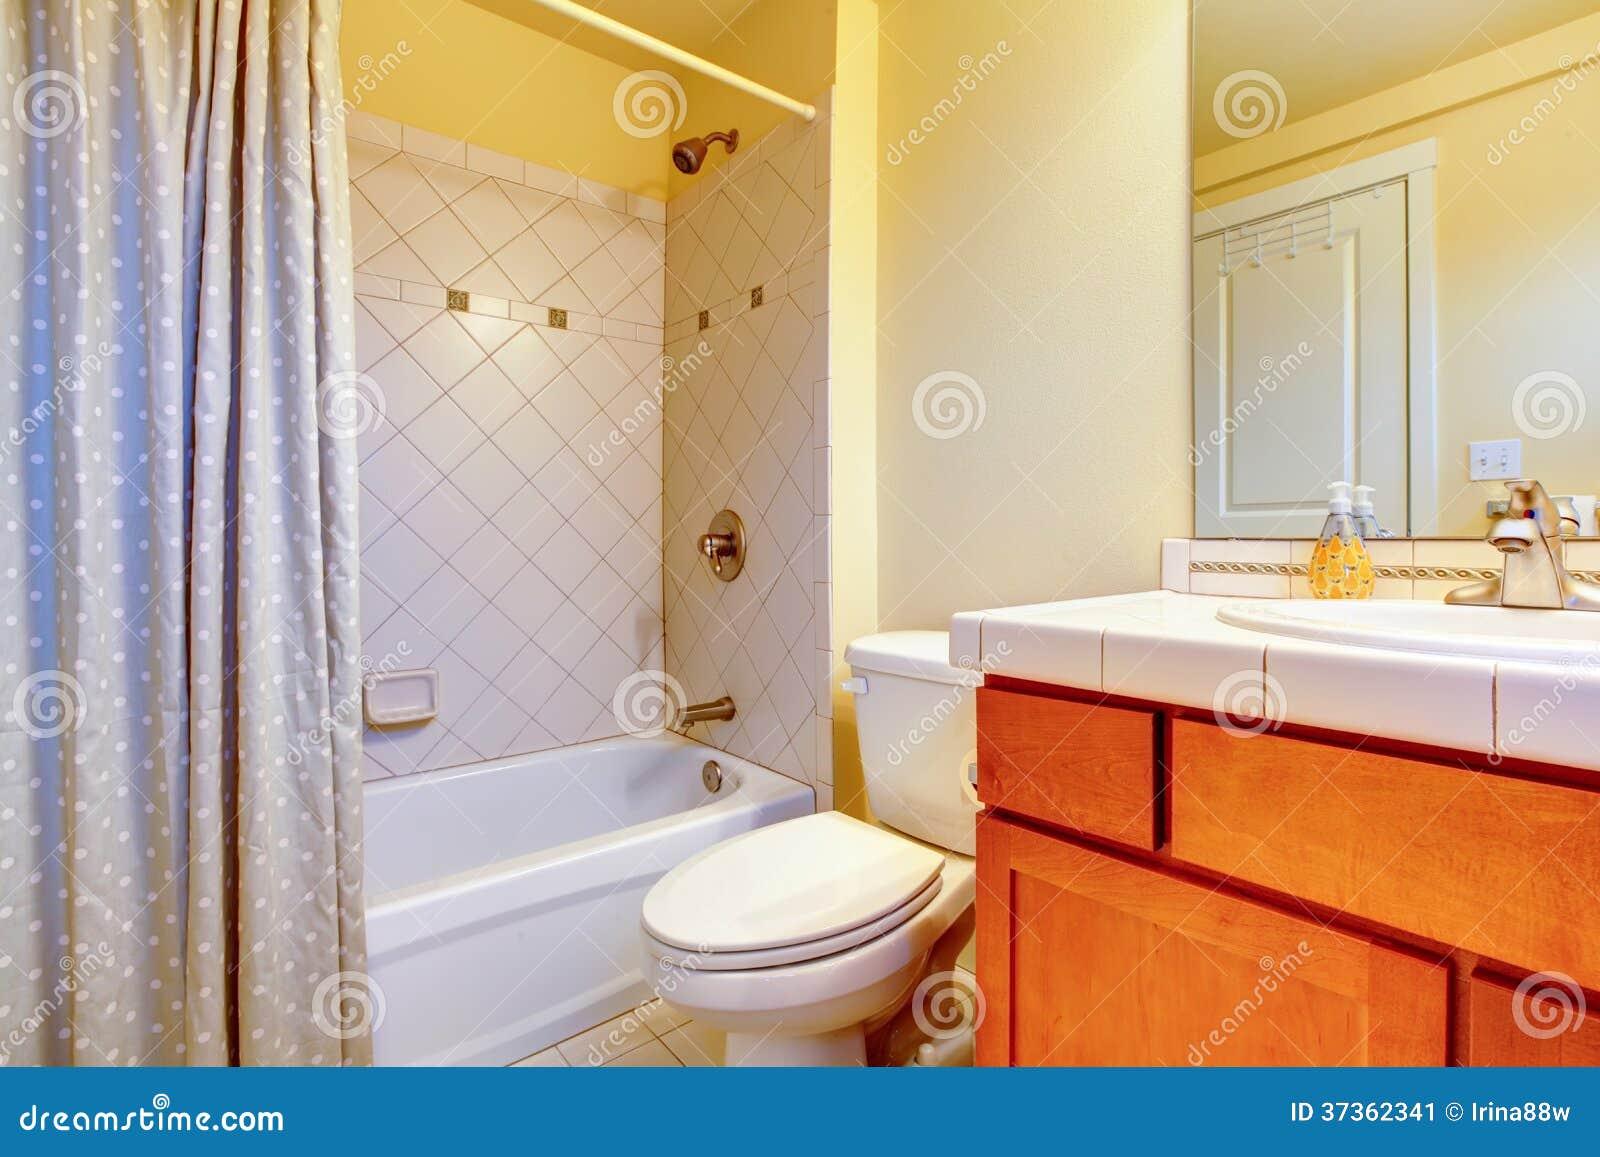 Hemtrevligt ljus   gult badrum fotografering för bildbyråer   bild ...